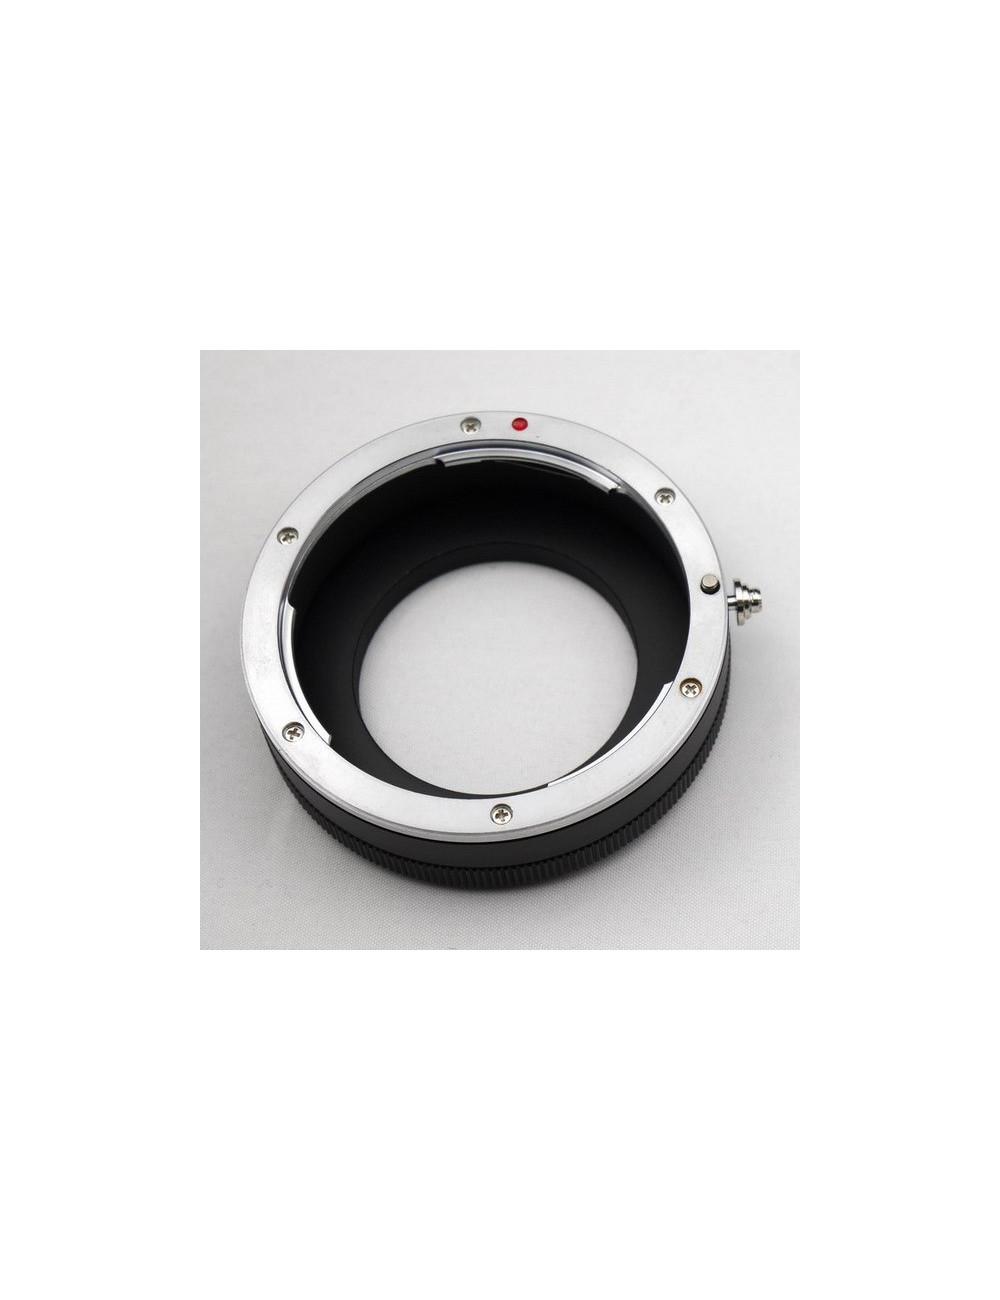 Adaptateur objectif Canon EF pour roue à filtres ZWO Mini